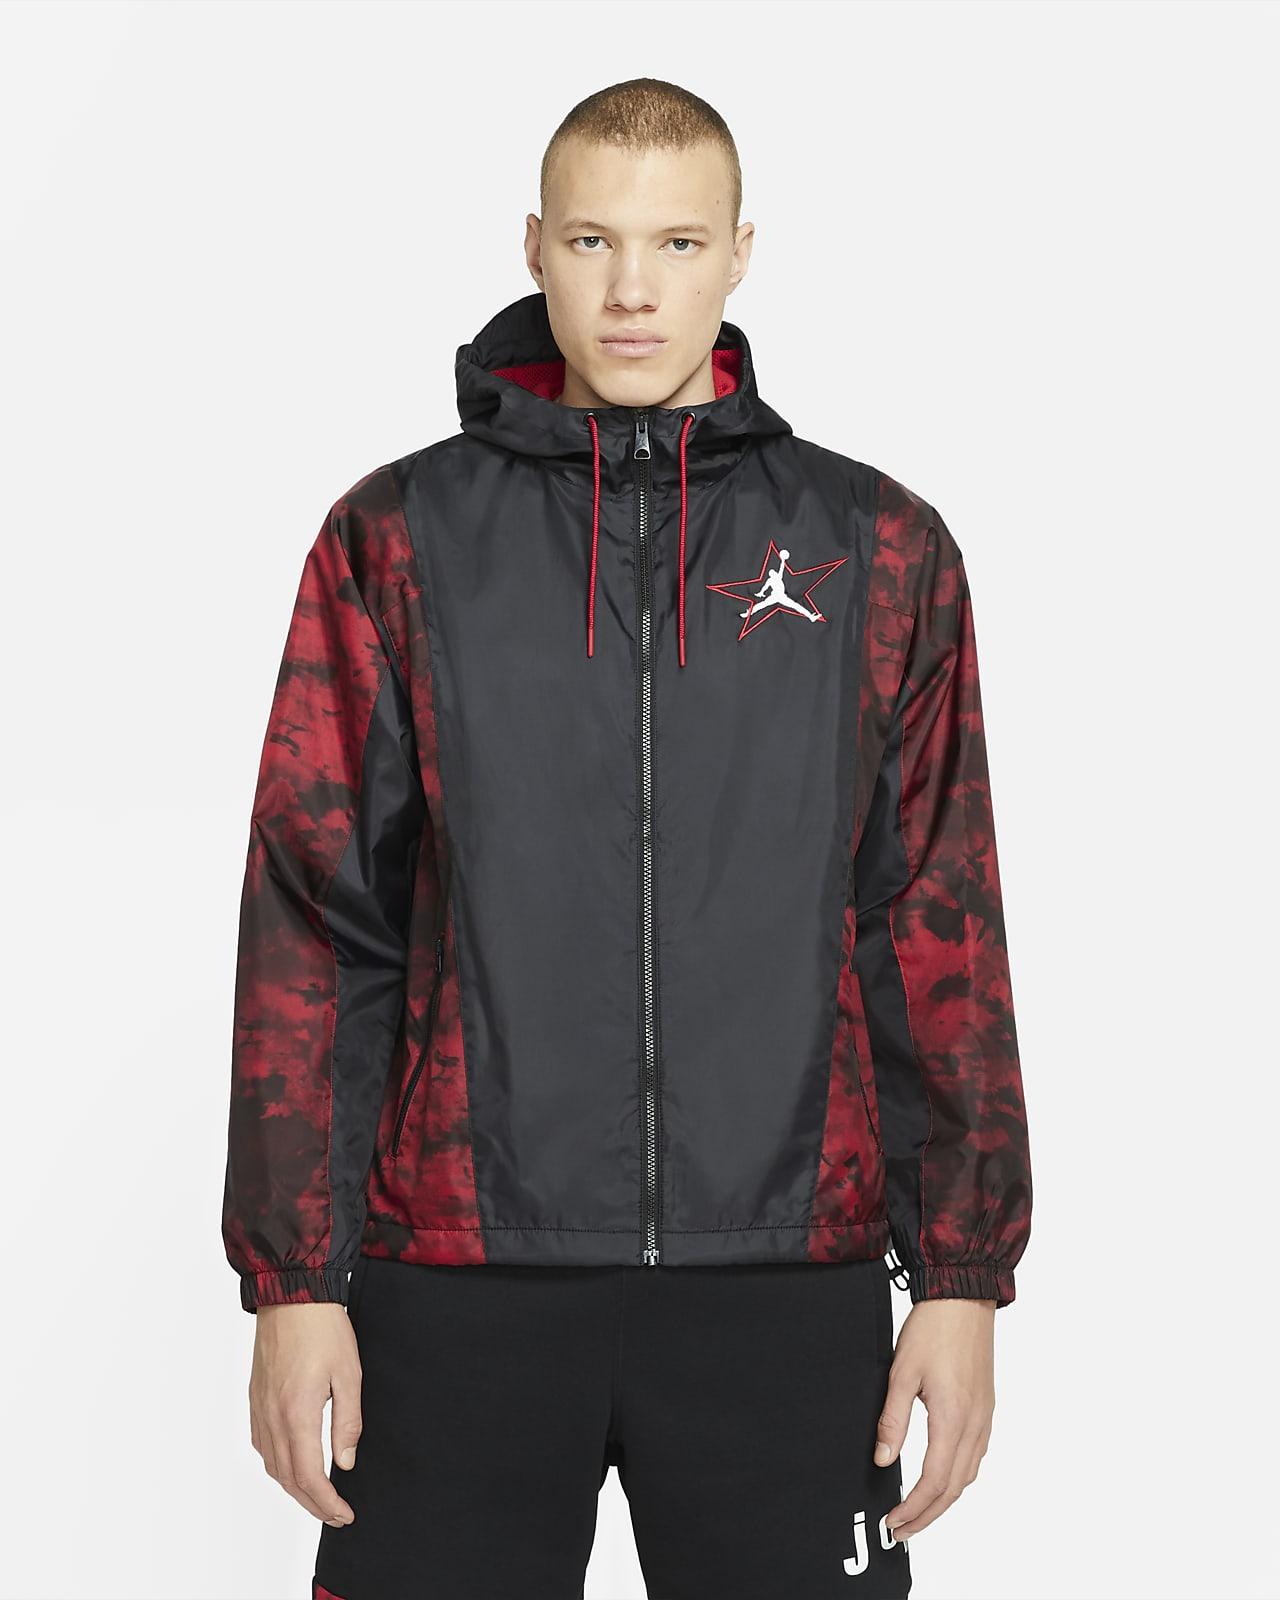 Casaco leve Jordan Legacy AJ6 para homem